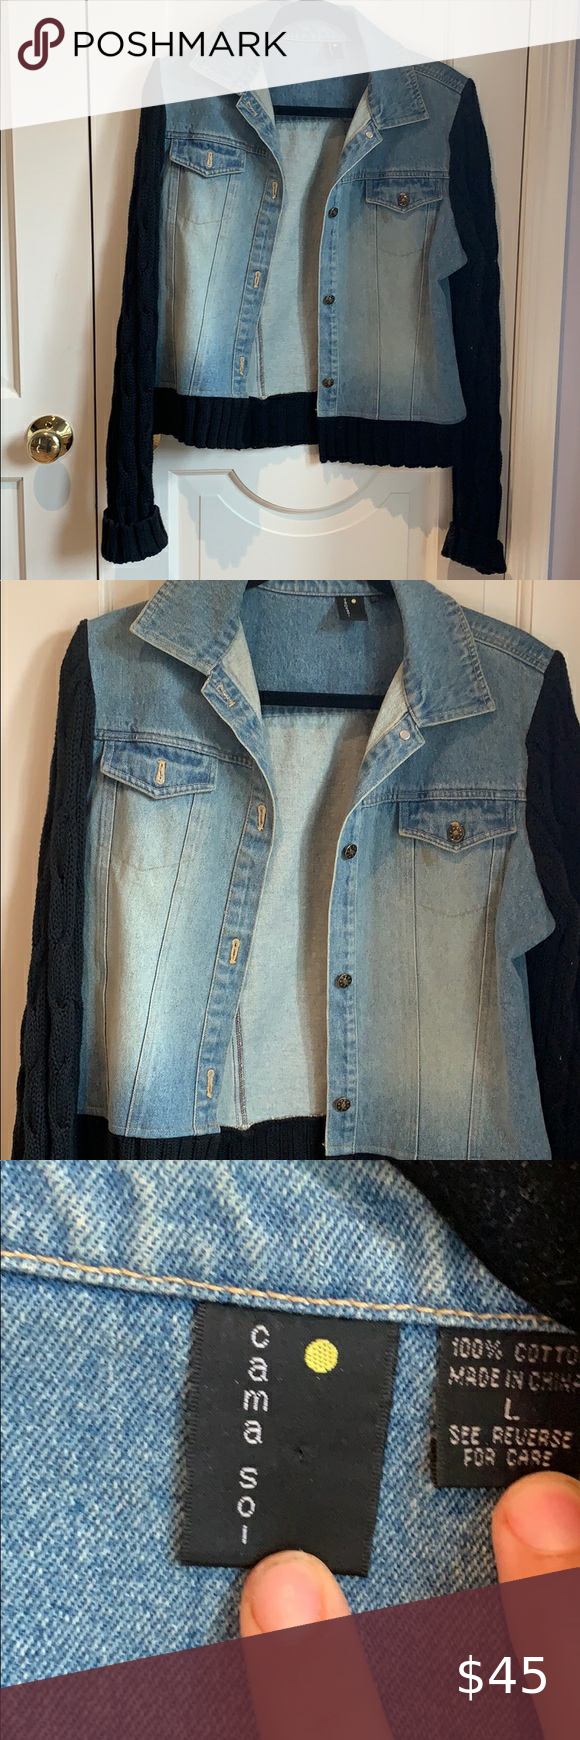 Cana Sol Jean Jacket Sweater Jacket Size Large  Jean jacket